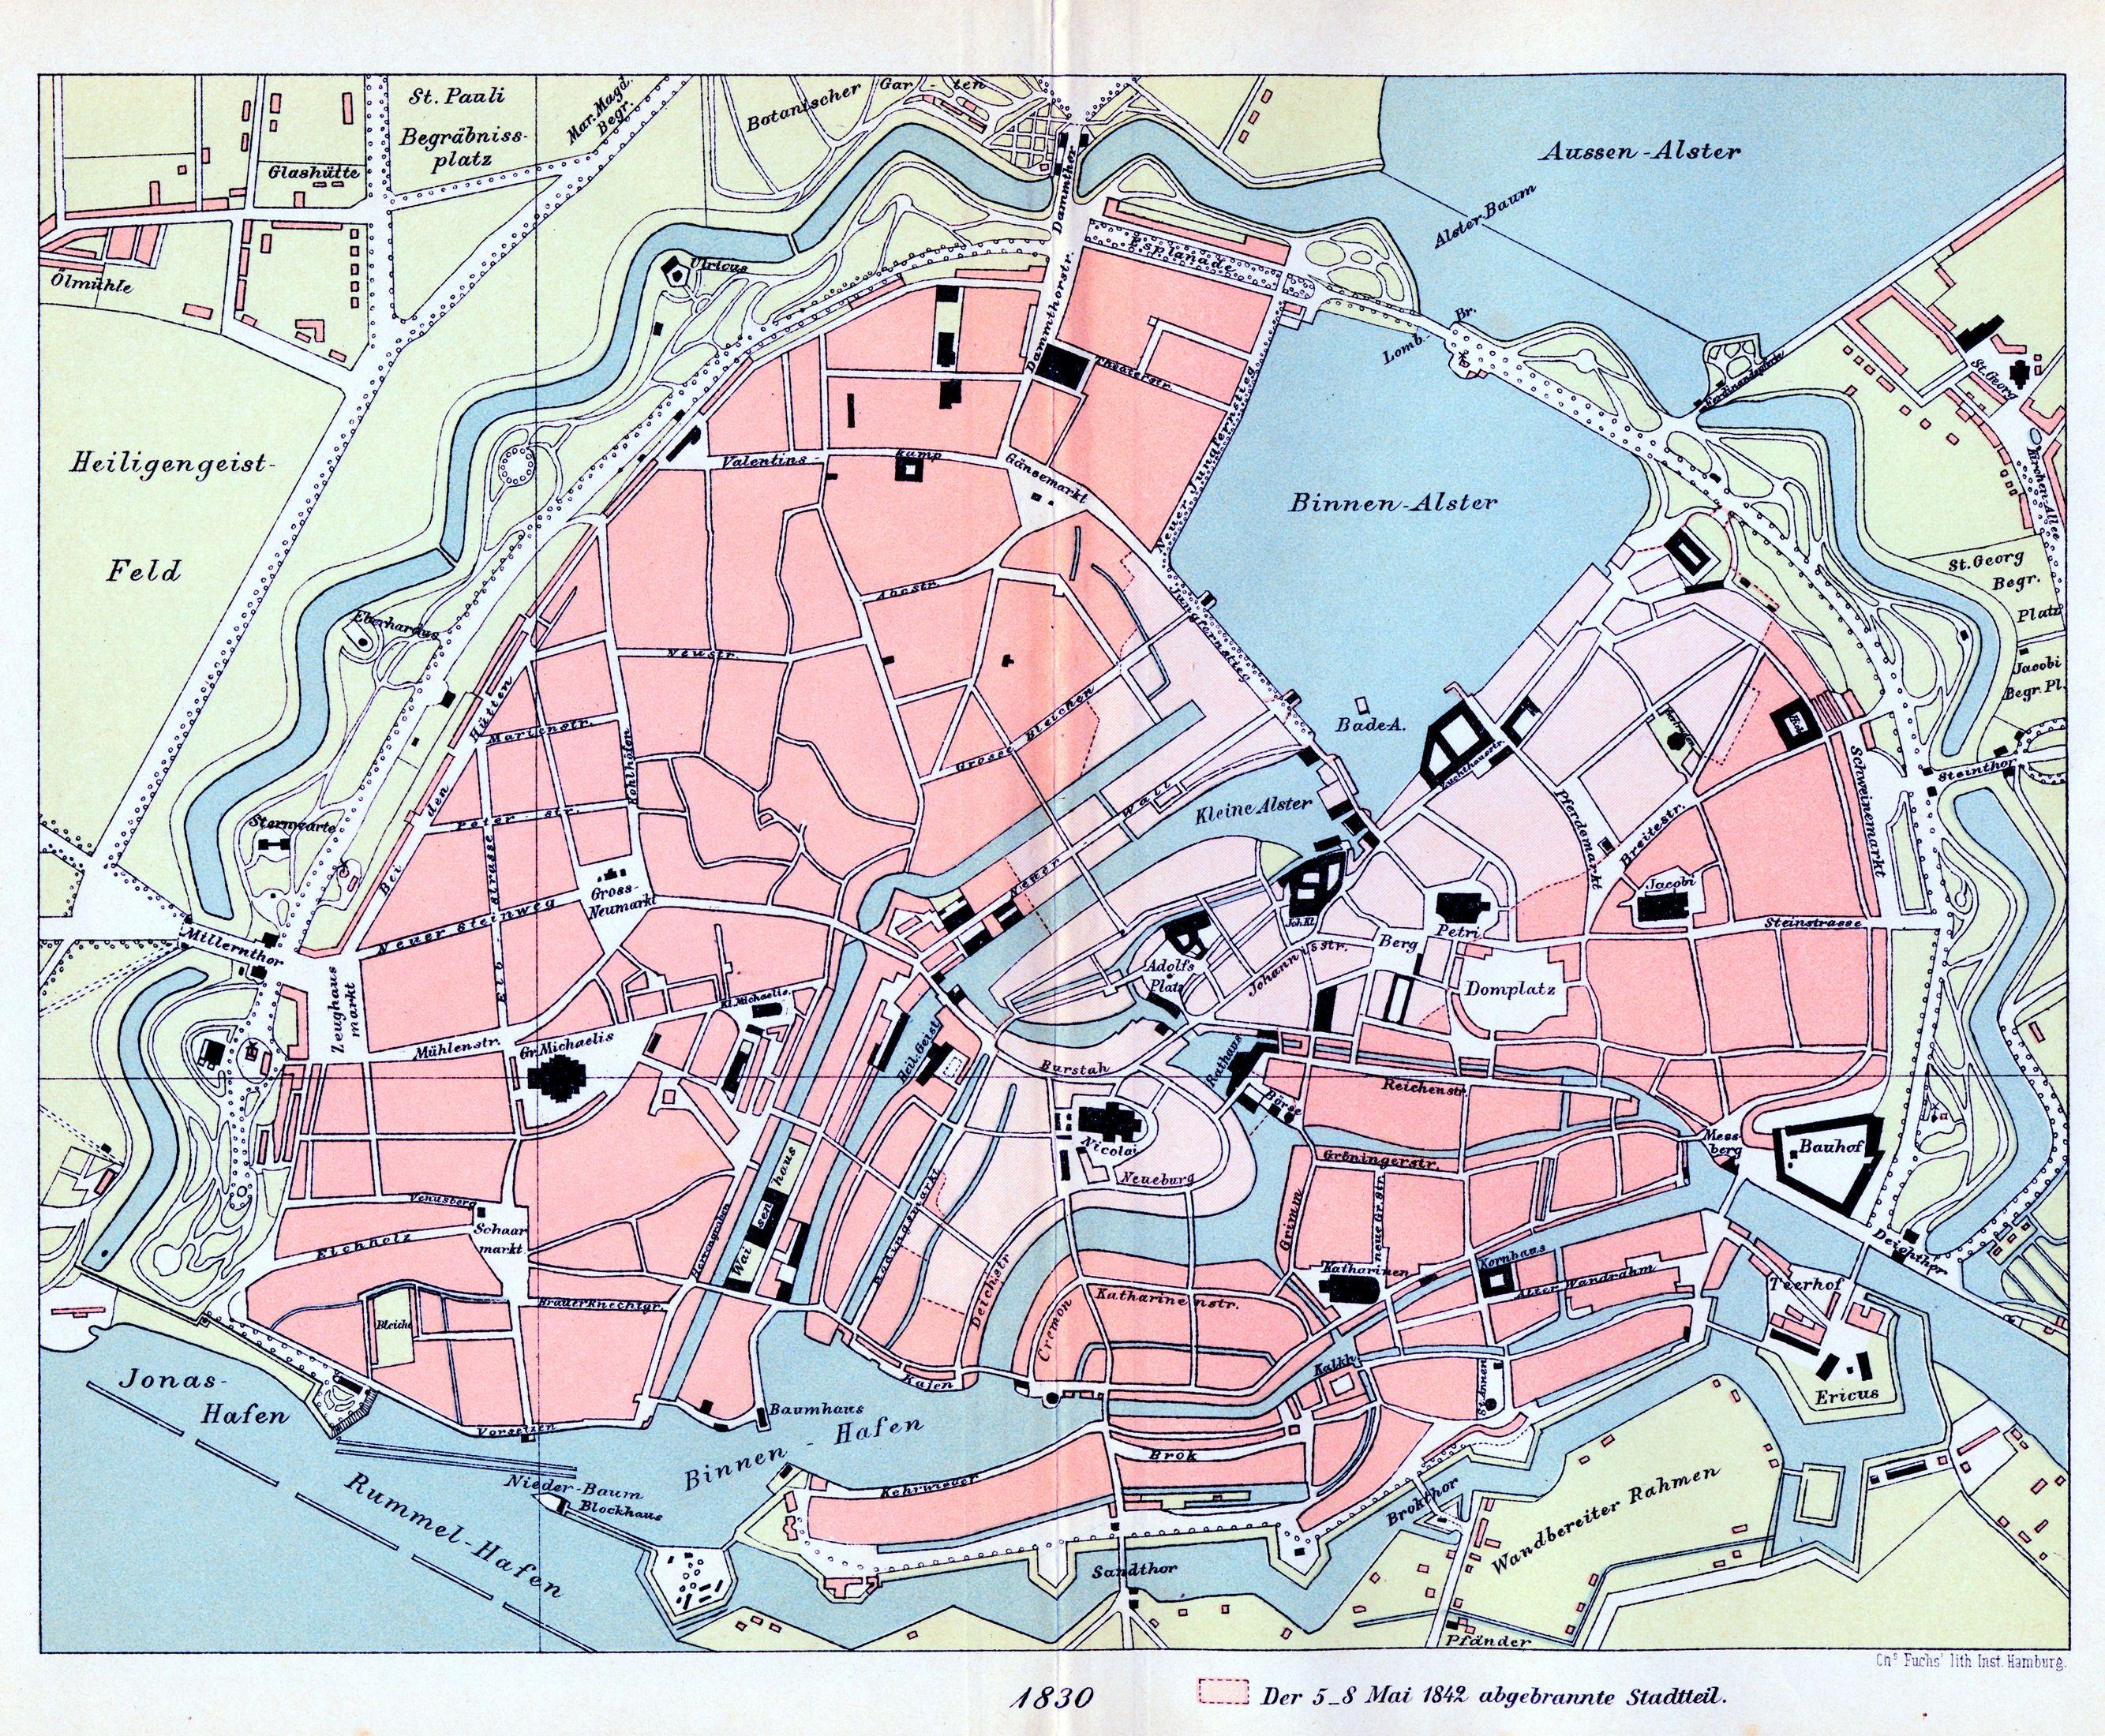 Karte Hamburg 1830 Aus E H Wichmann Atlas Zur Geschichte